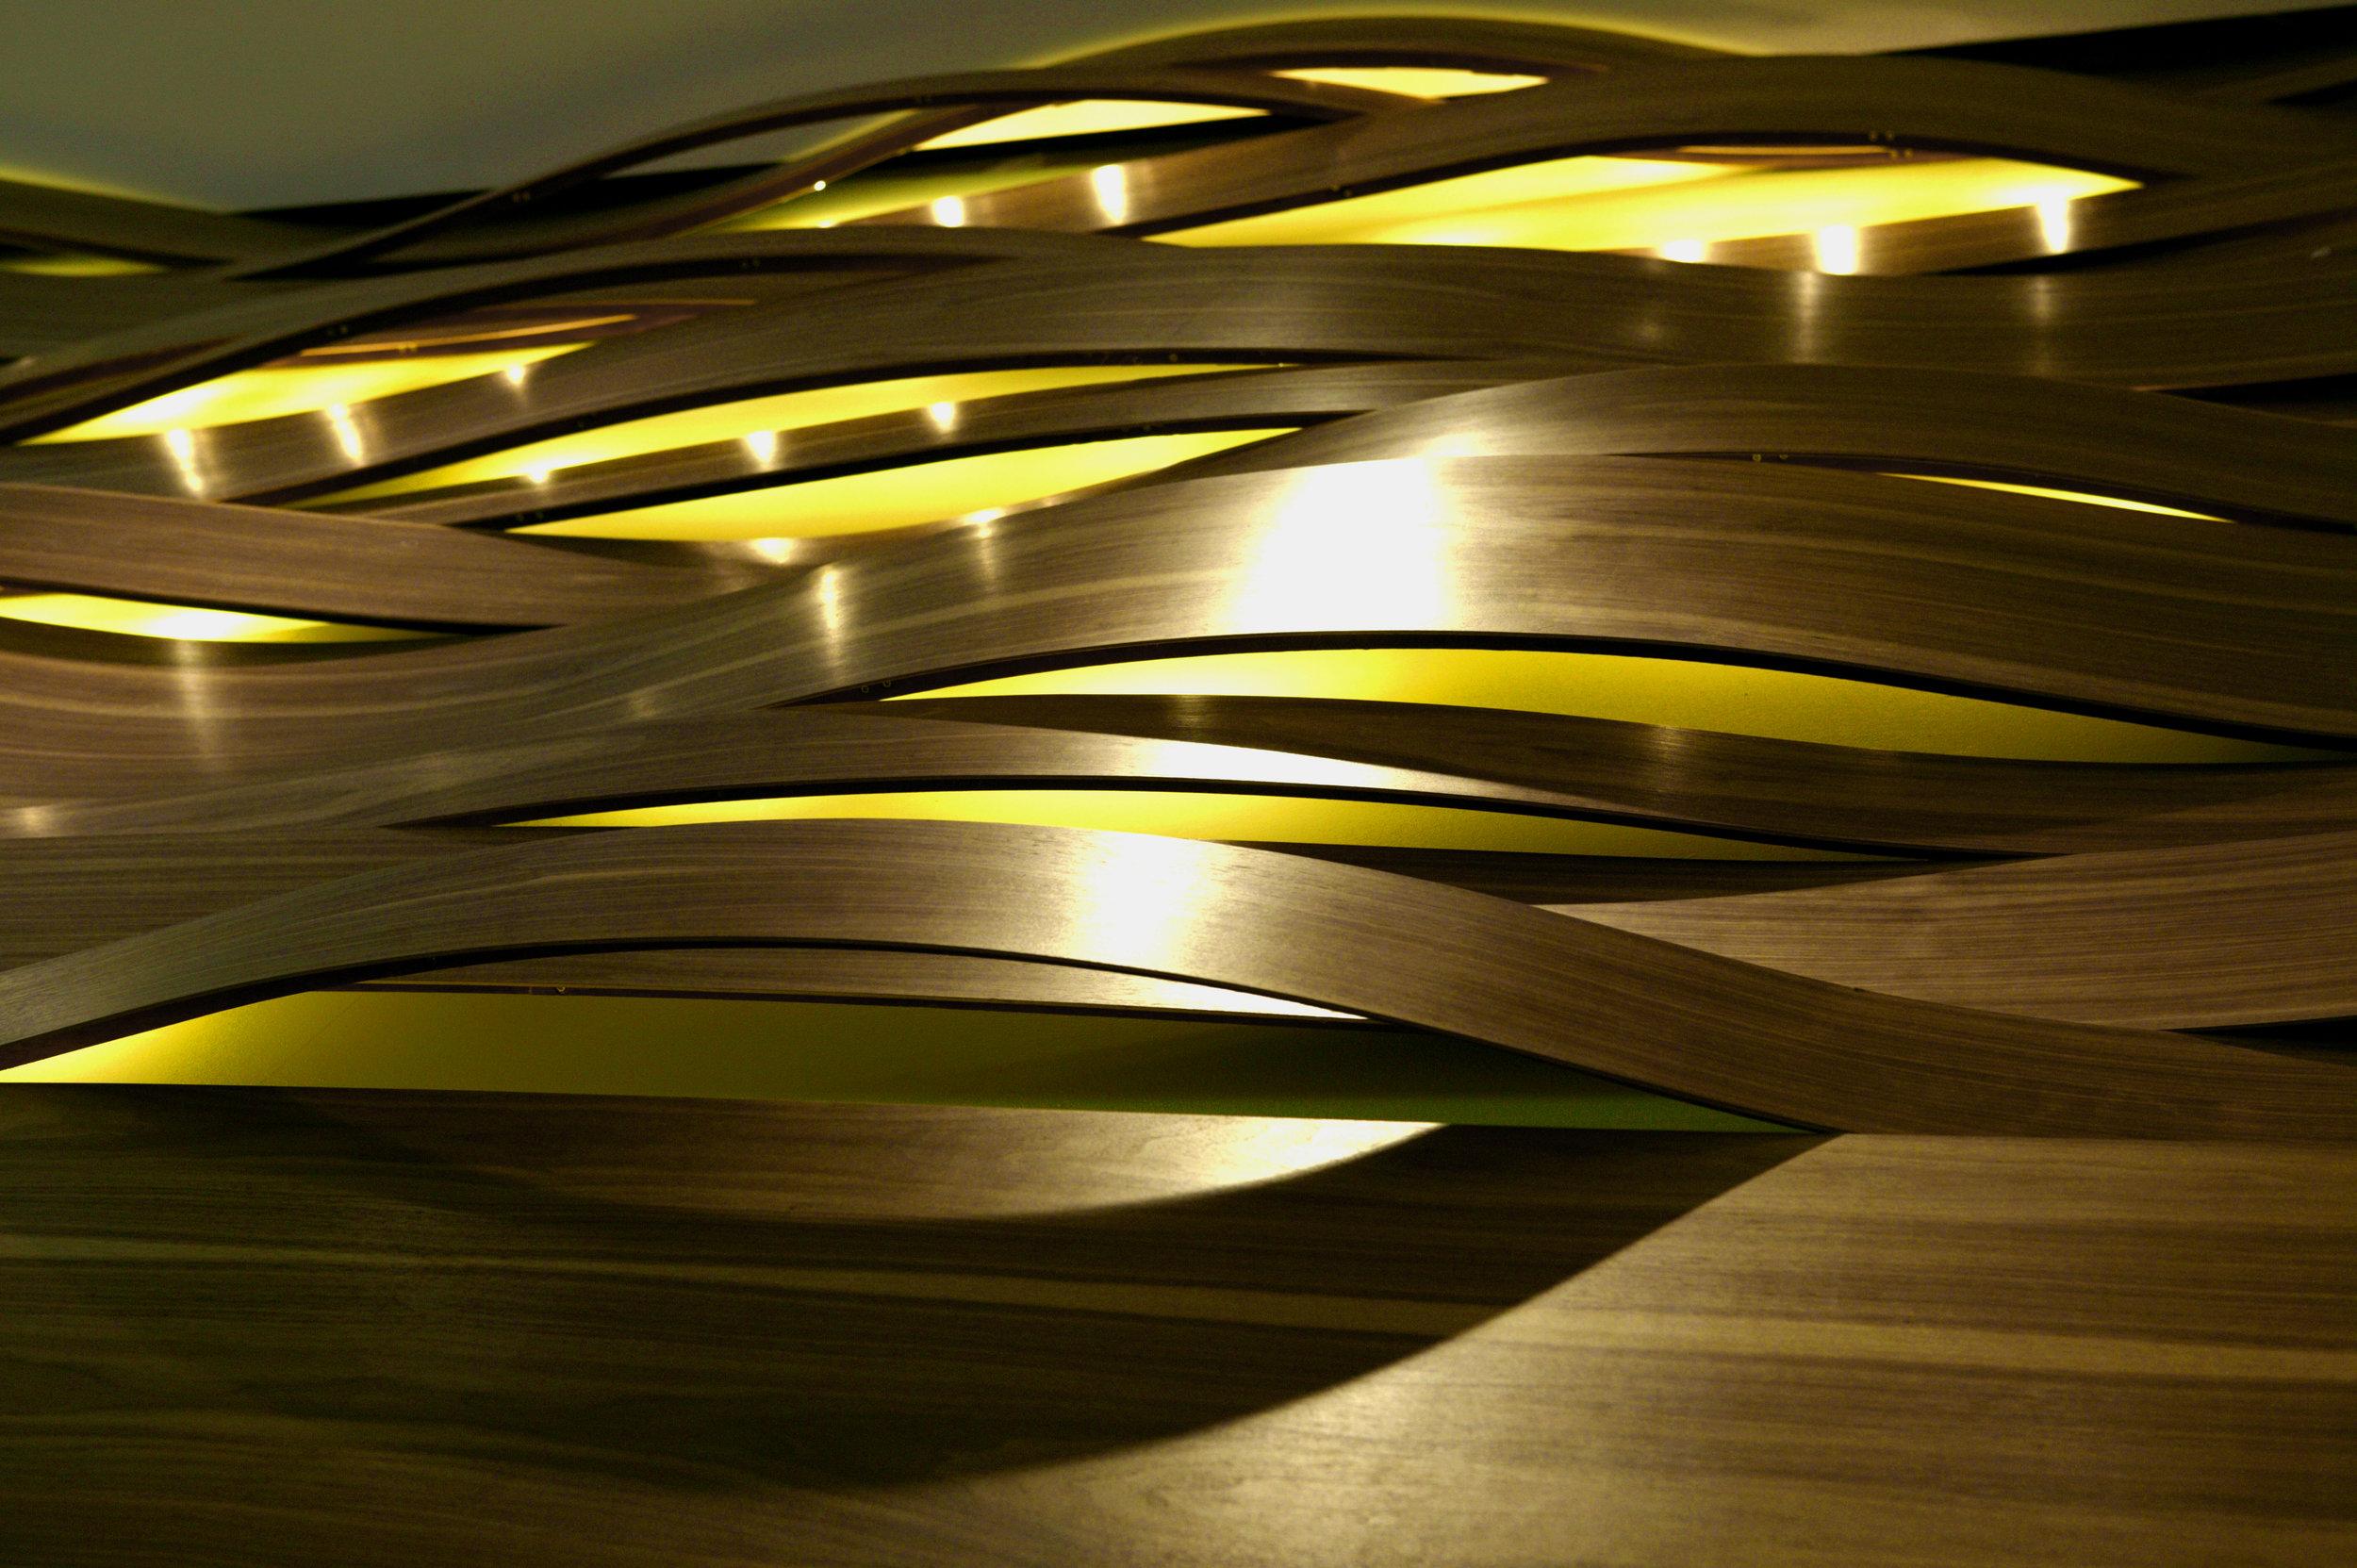 SASOU_03 Wellenwand von unten.jpeg